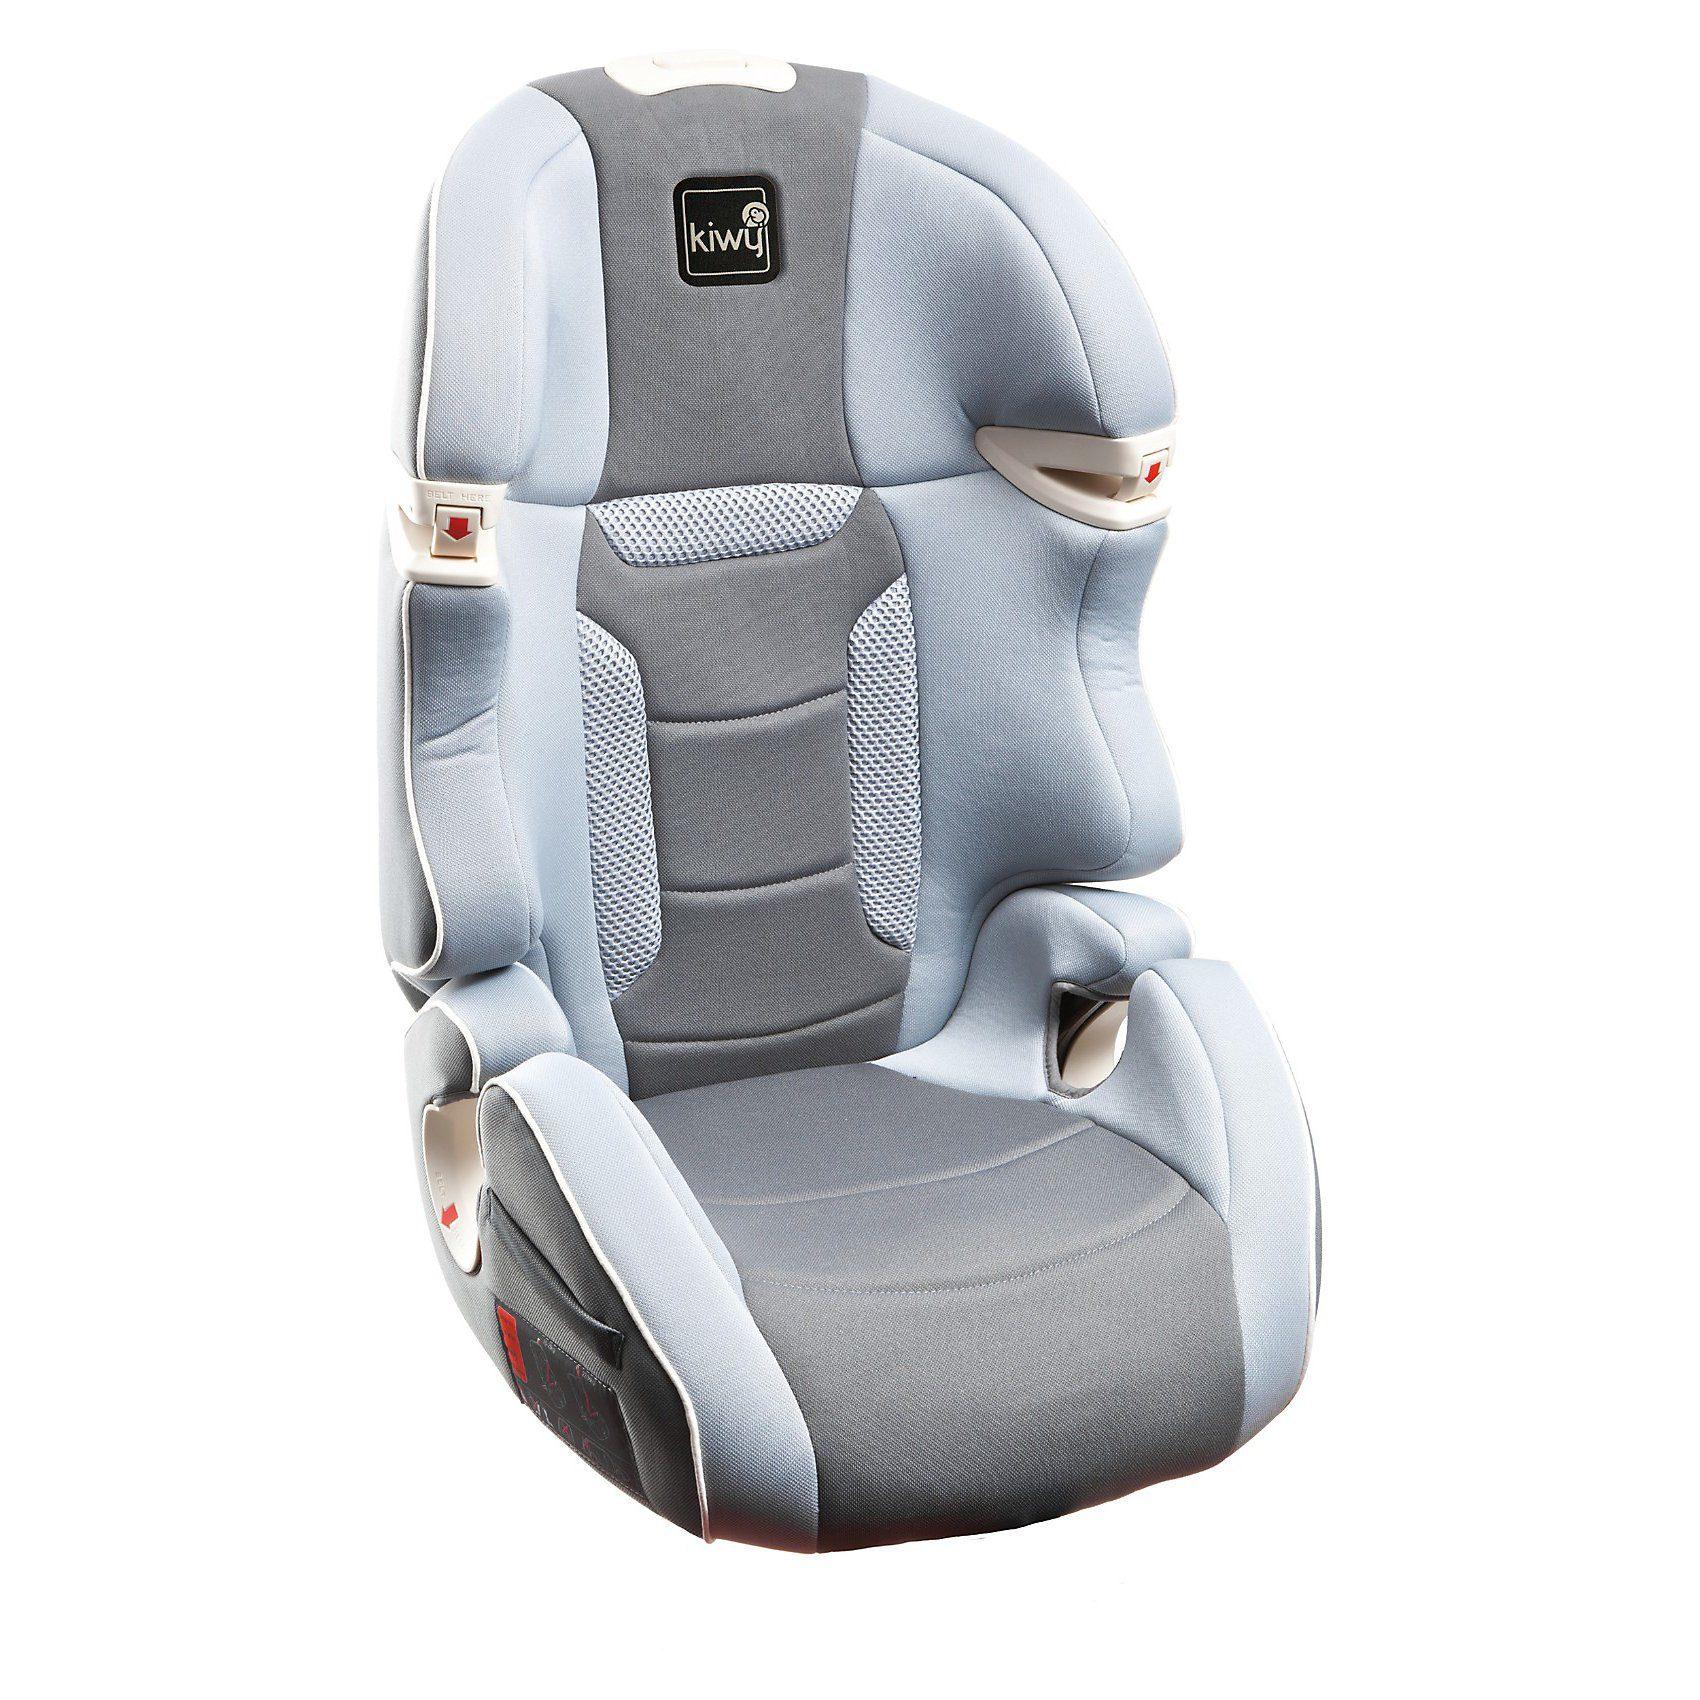 Kiwy Auto-Kindersitz S23, stone, 2016